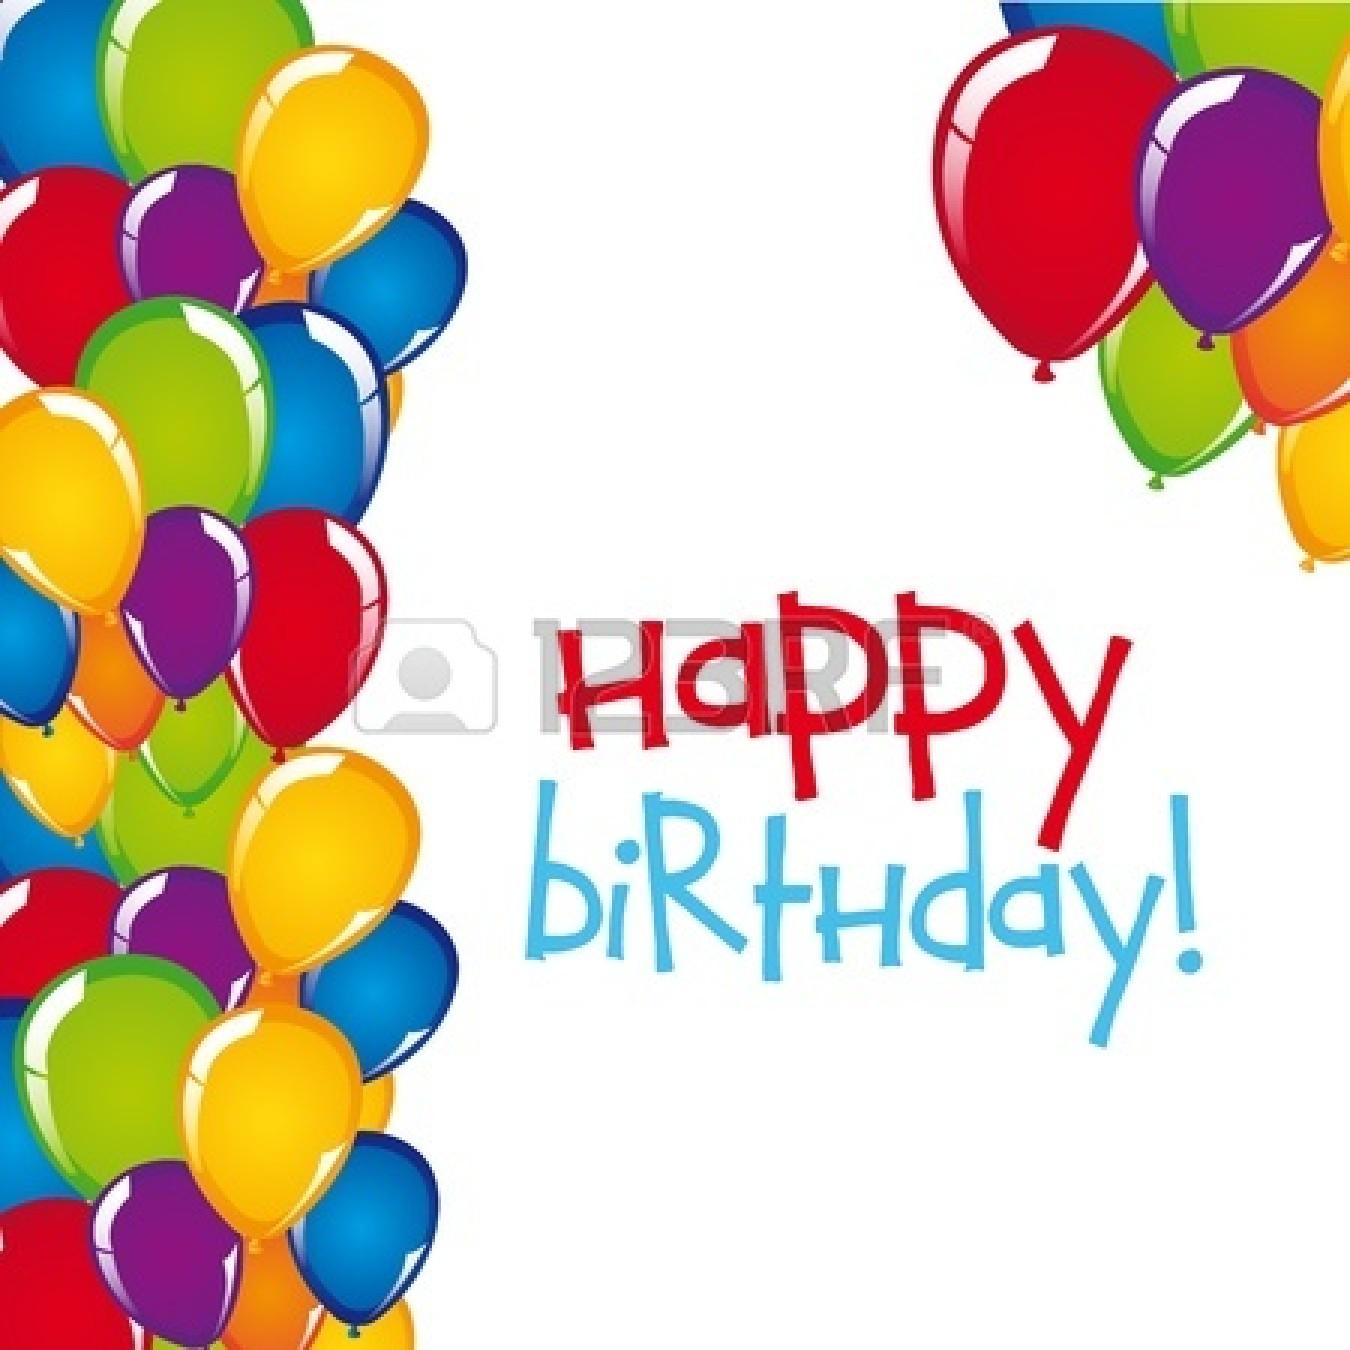 Happy Birthday Cartoon Clipart - Clipart Kid